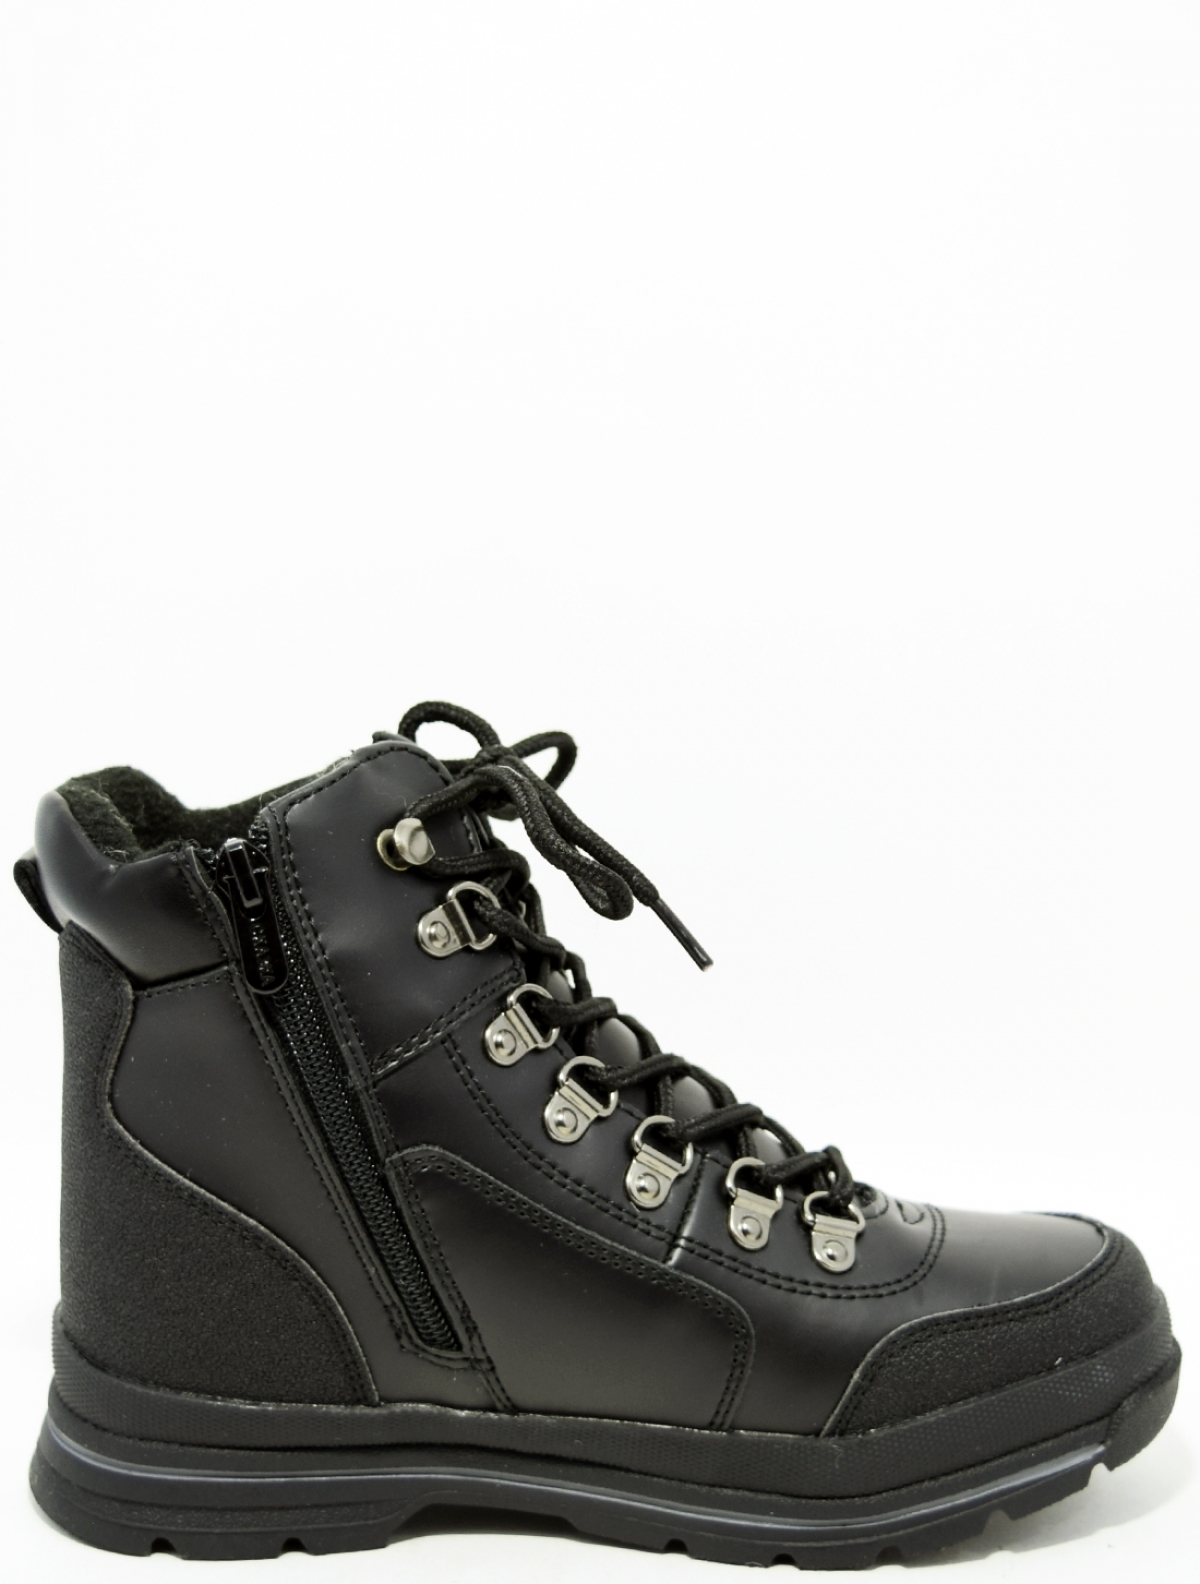 Сказка R876038351-1 детские ботинки